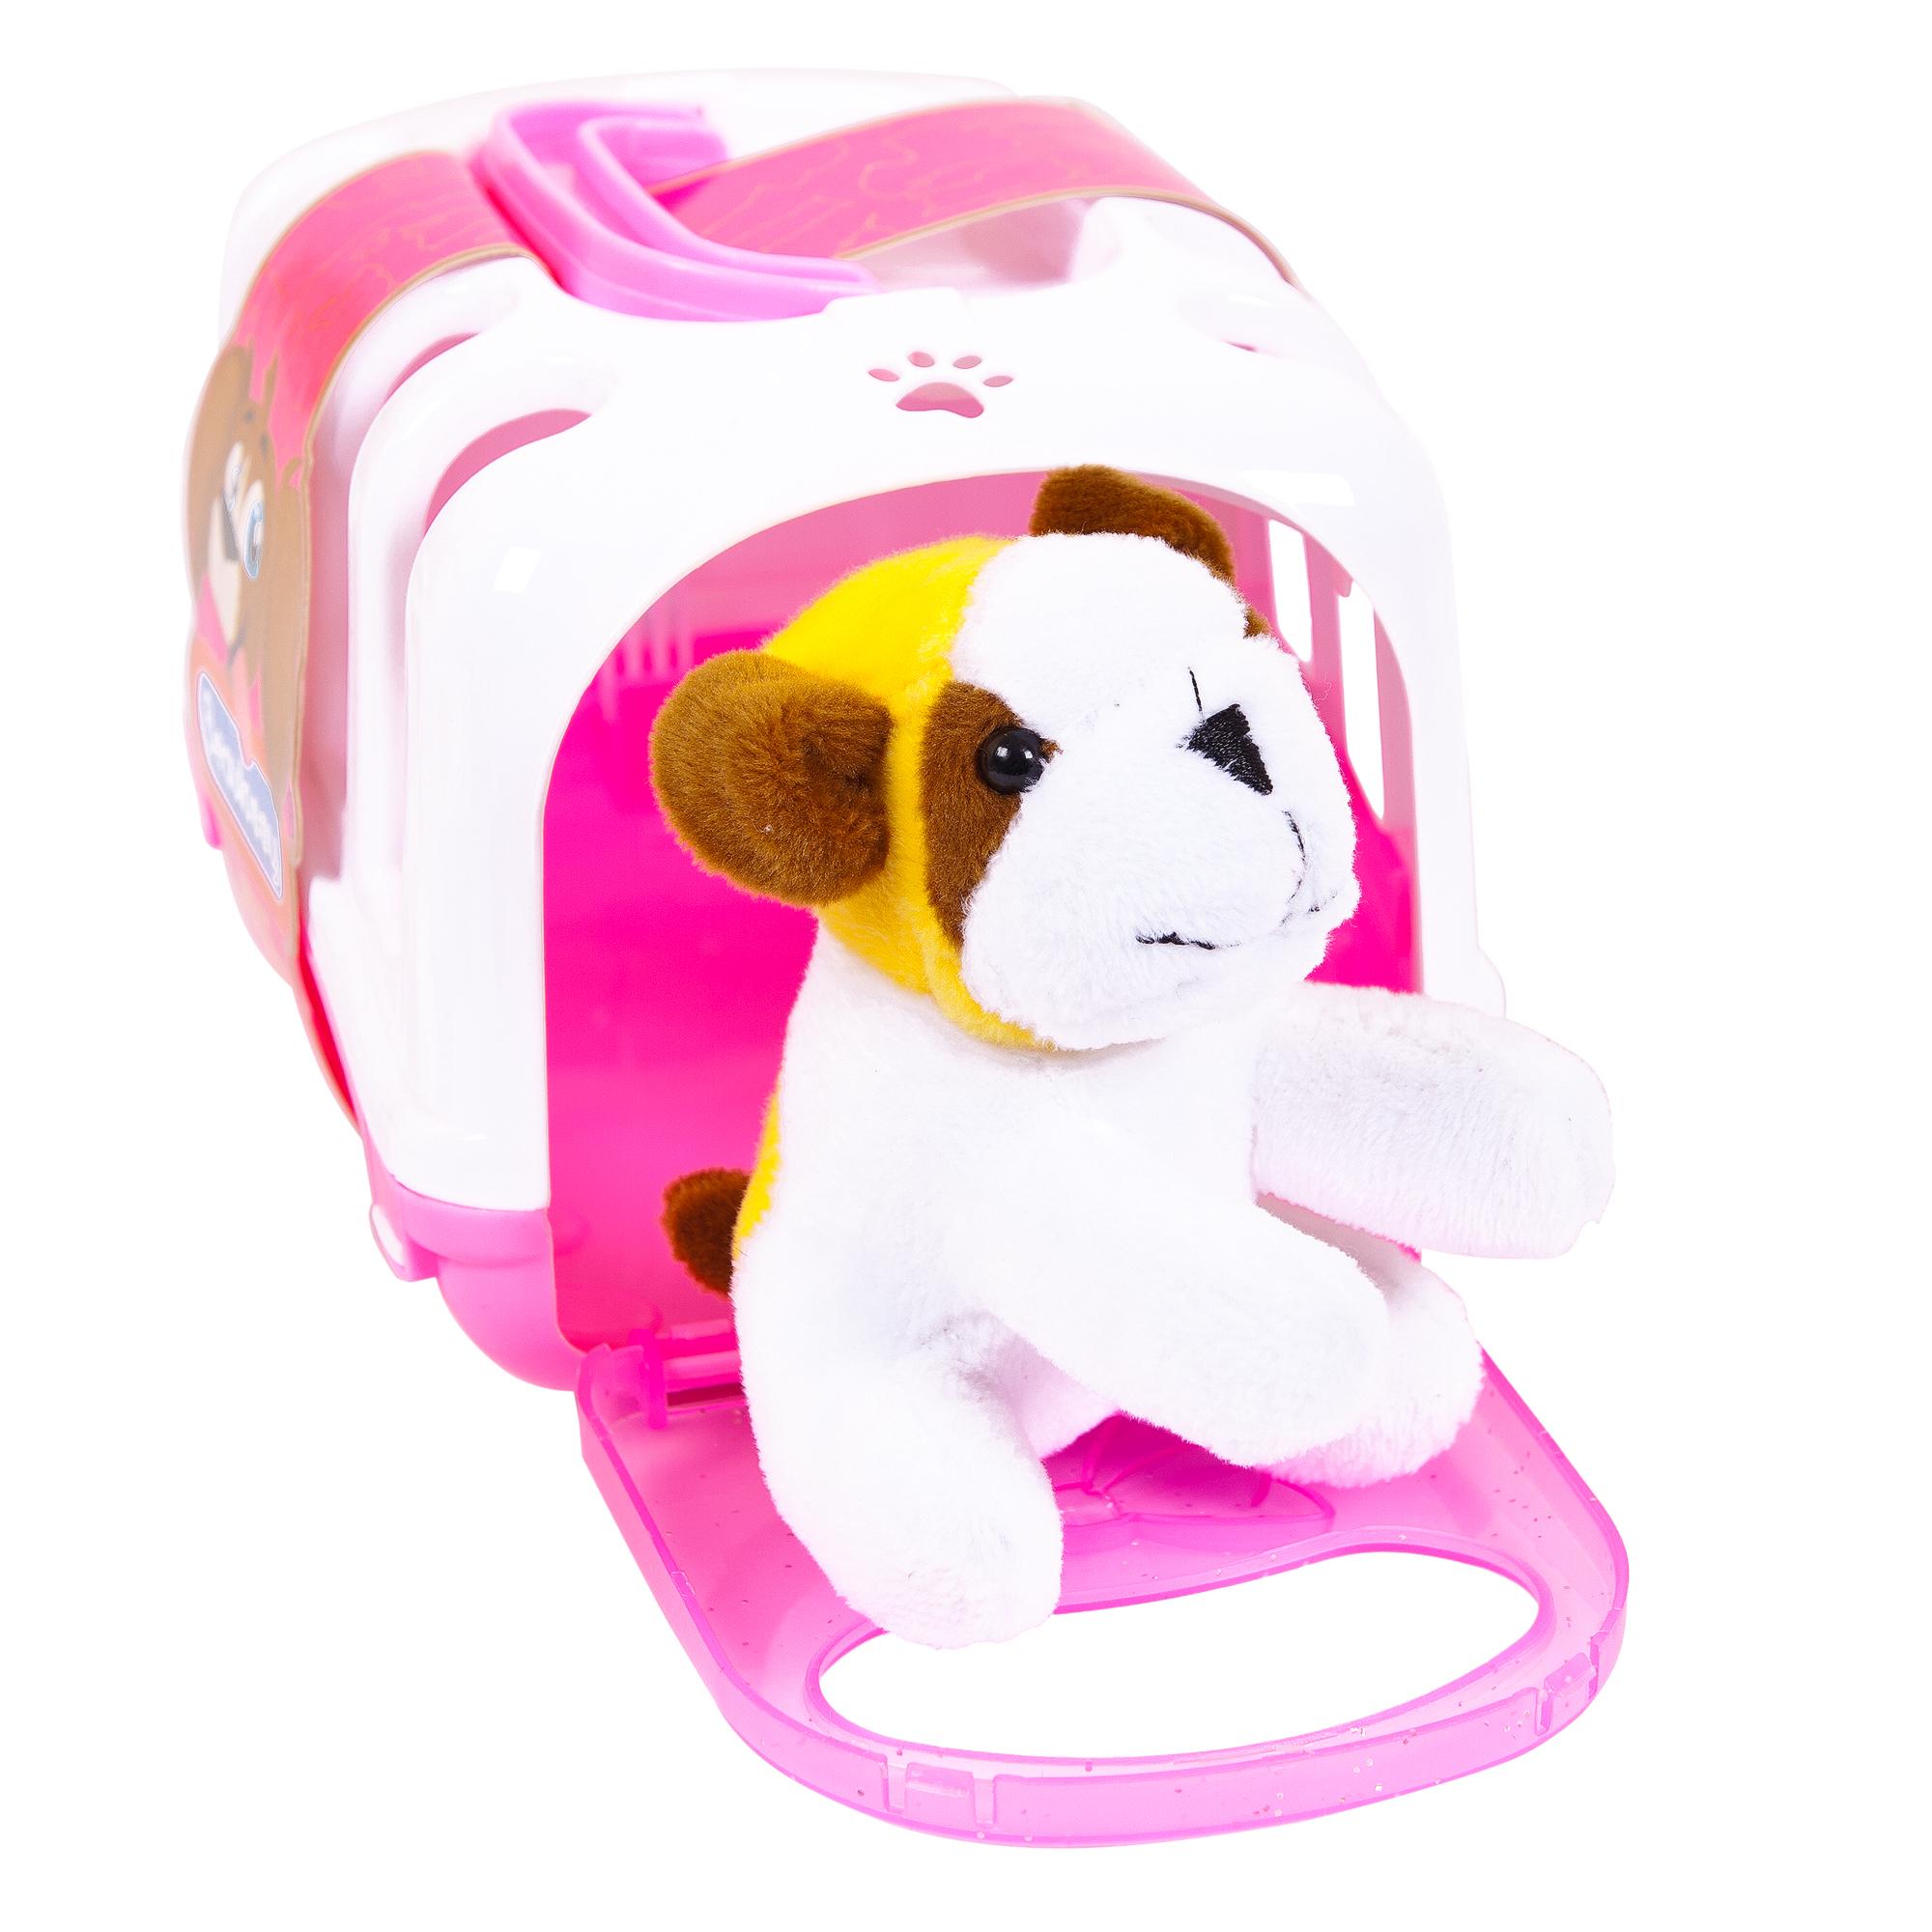 Мягкие игрушки Junfa Мягкая игрушка Junfa Toys «Домашний питомец» с переноской 10 см junfa игрушка антистресс junfa бутылочка молока 10 см